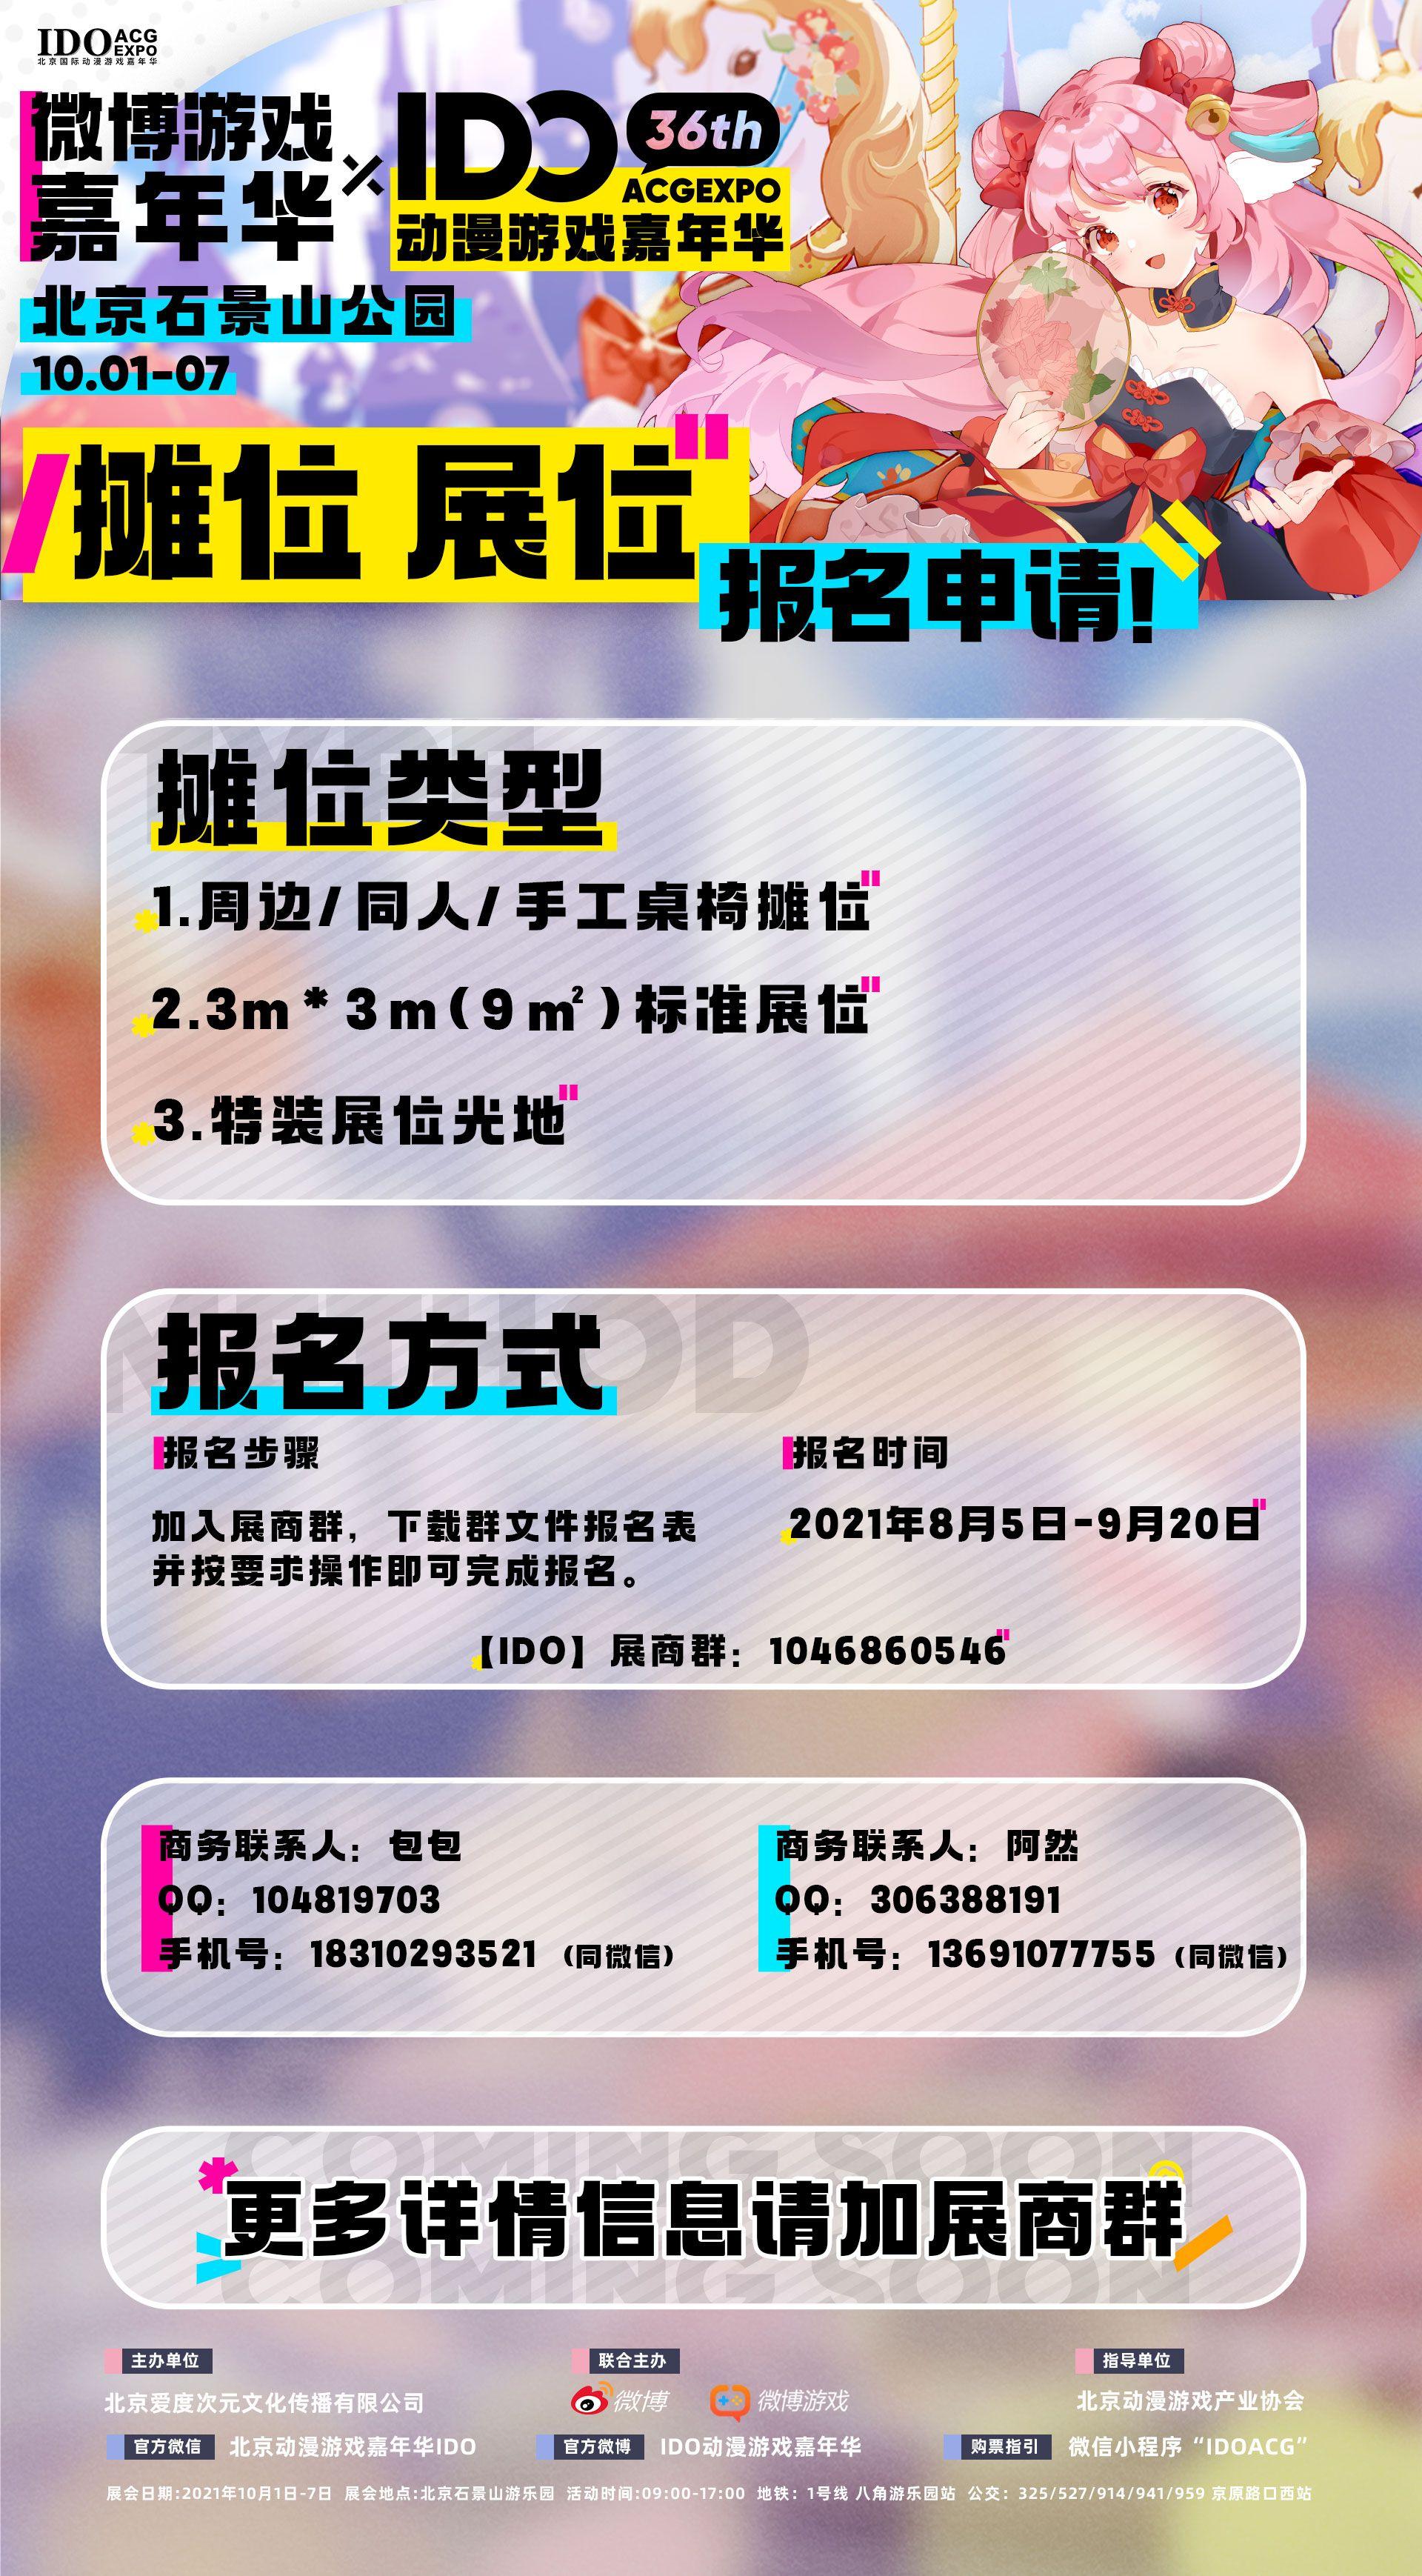 2021北京漫展情报   国庆IDO36 第一弹情报,惊喜来袭